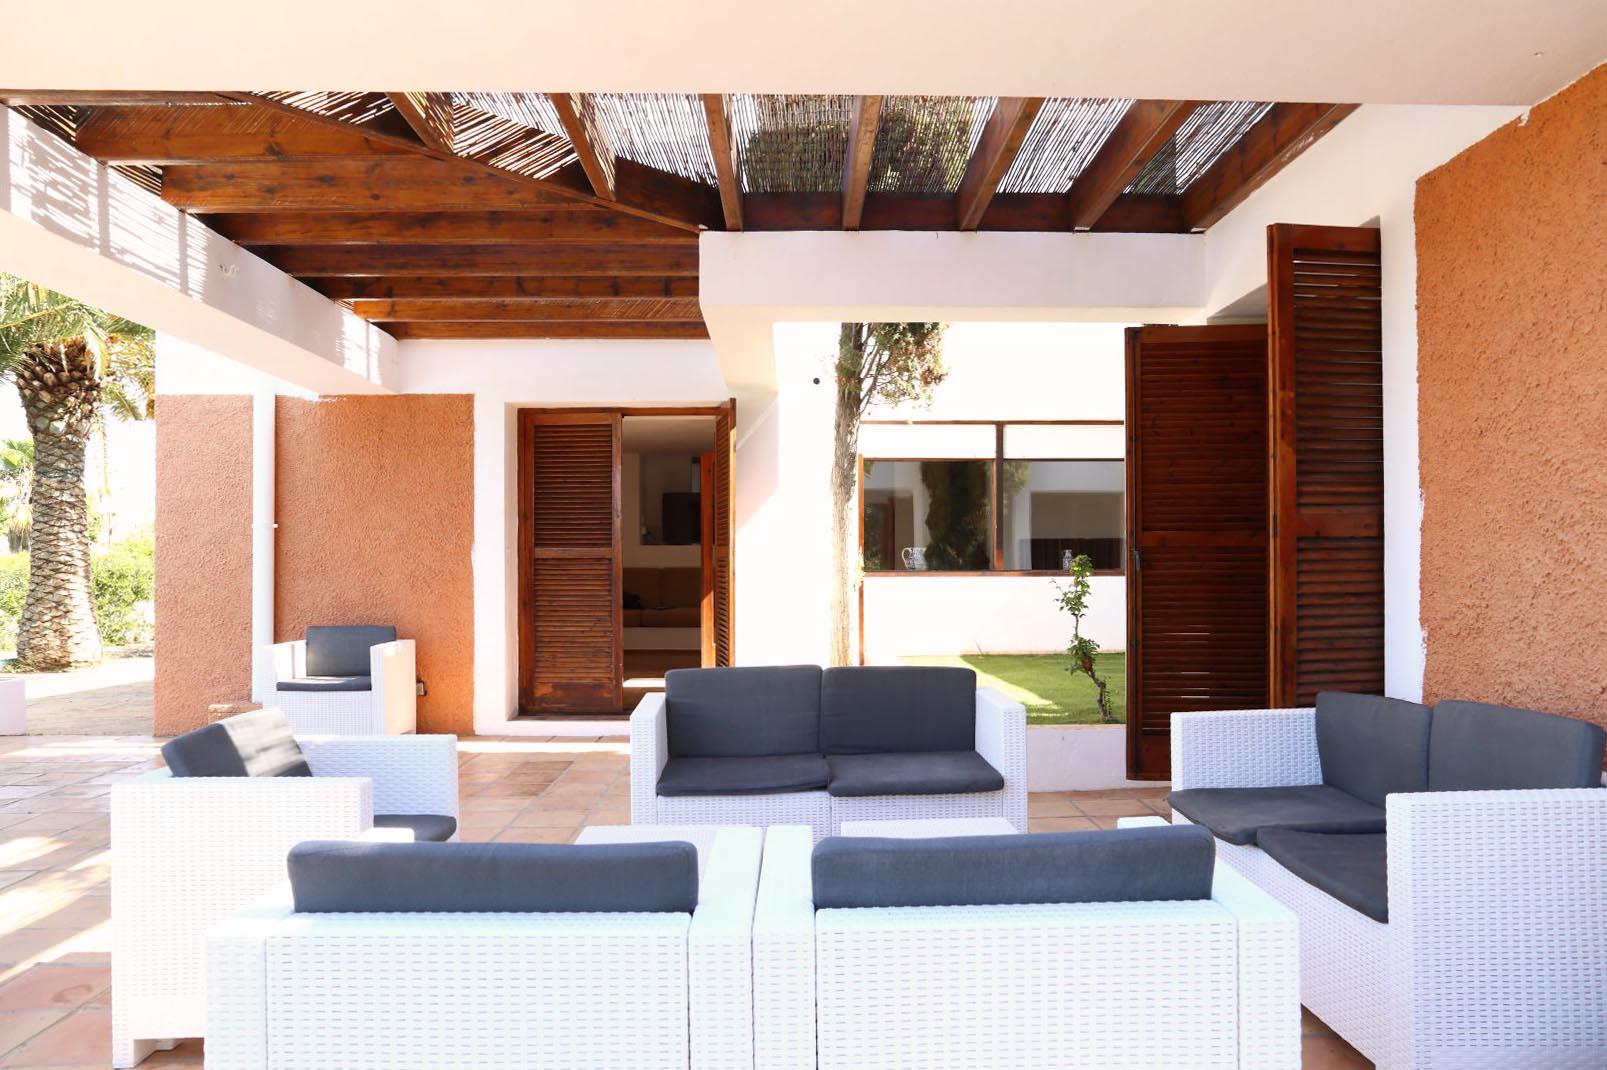 Architectenhuis gebouwd in het hart van het dorp Jesús